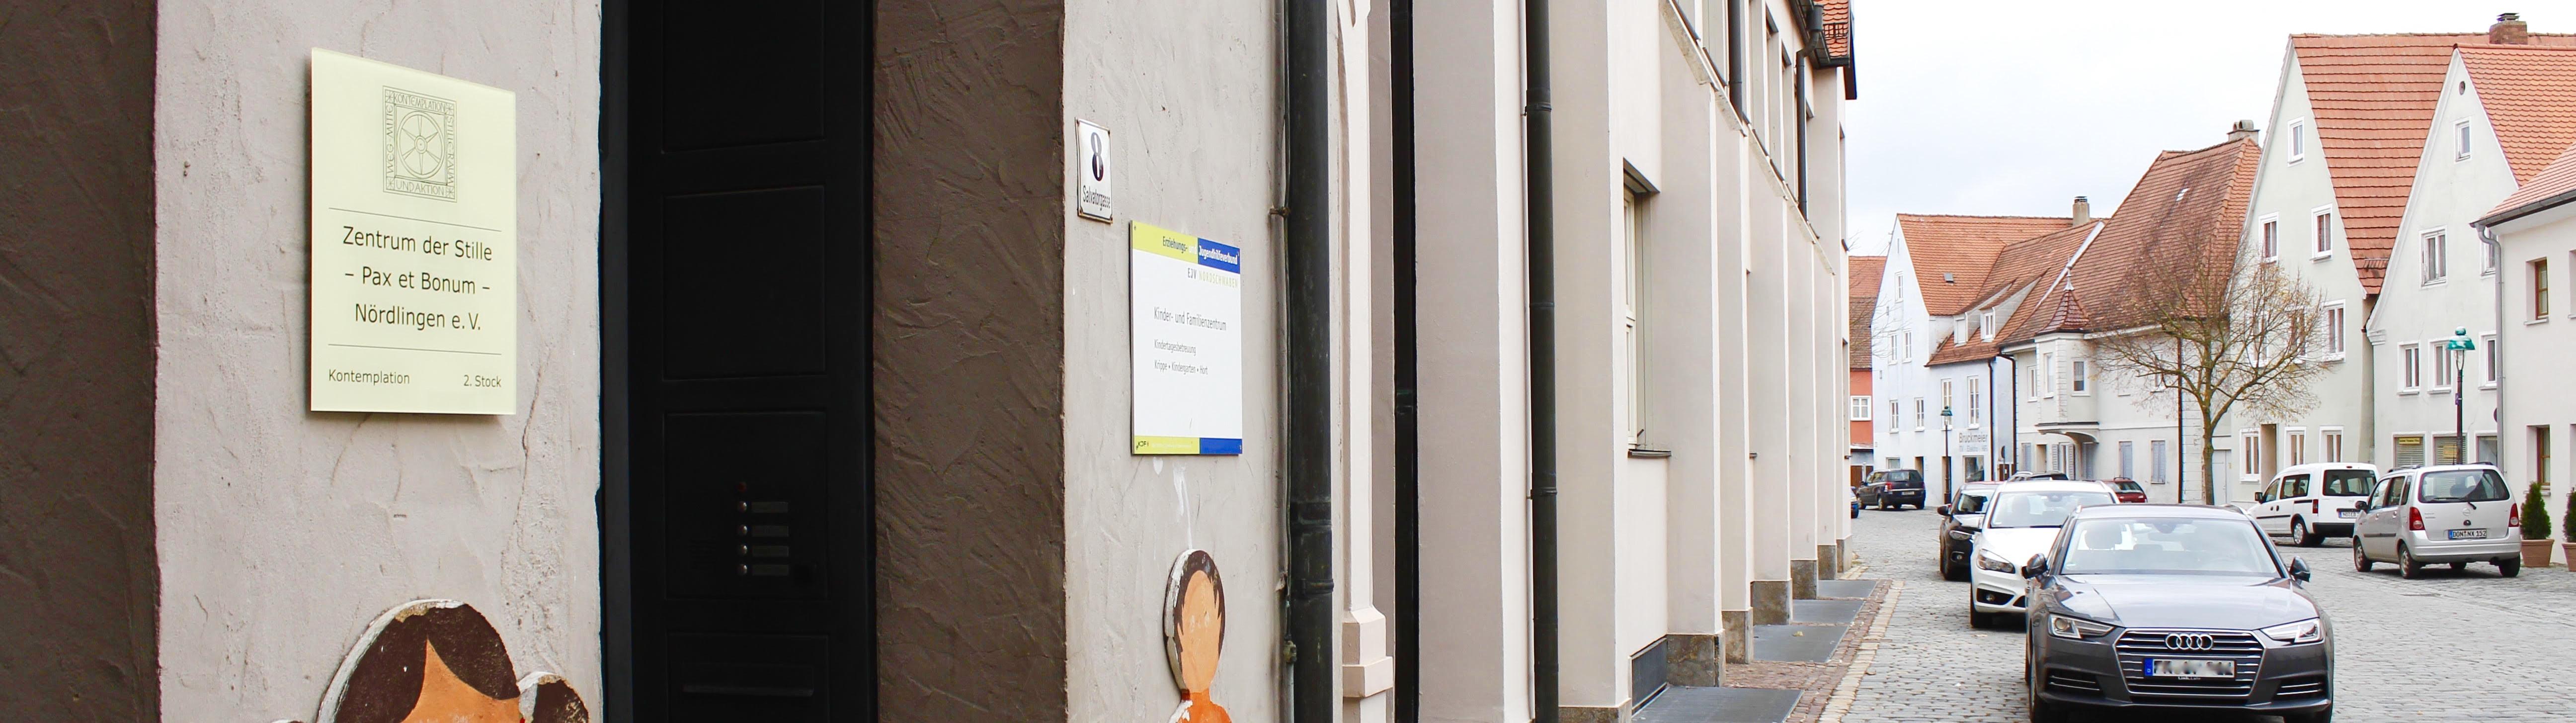 Kontakt - Zentrum der Stille - Anschrift in Nördlingen - Gebäude